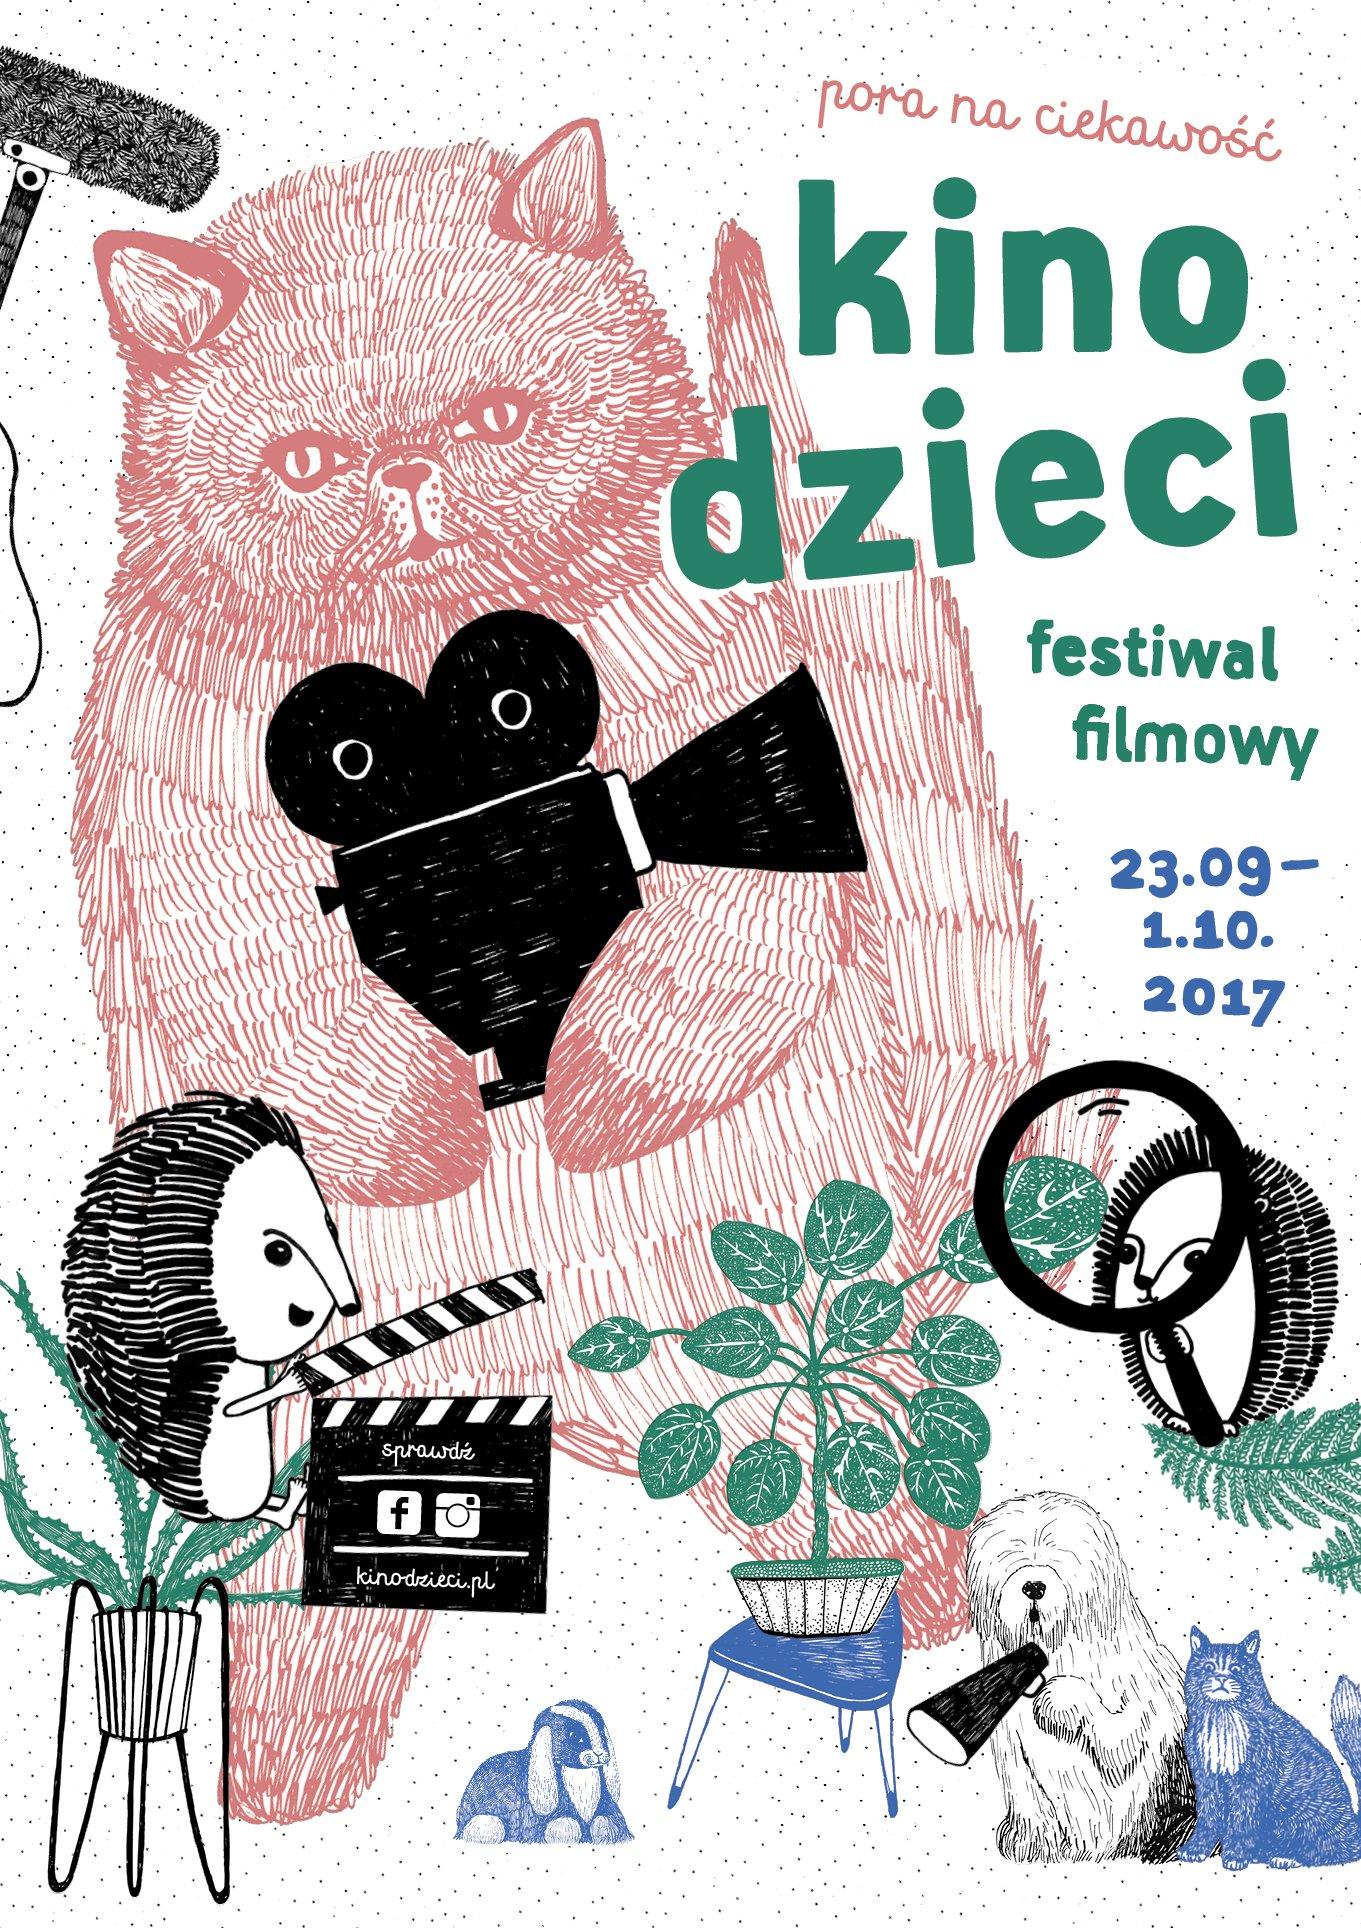 Kino dzieci 2017 plakat